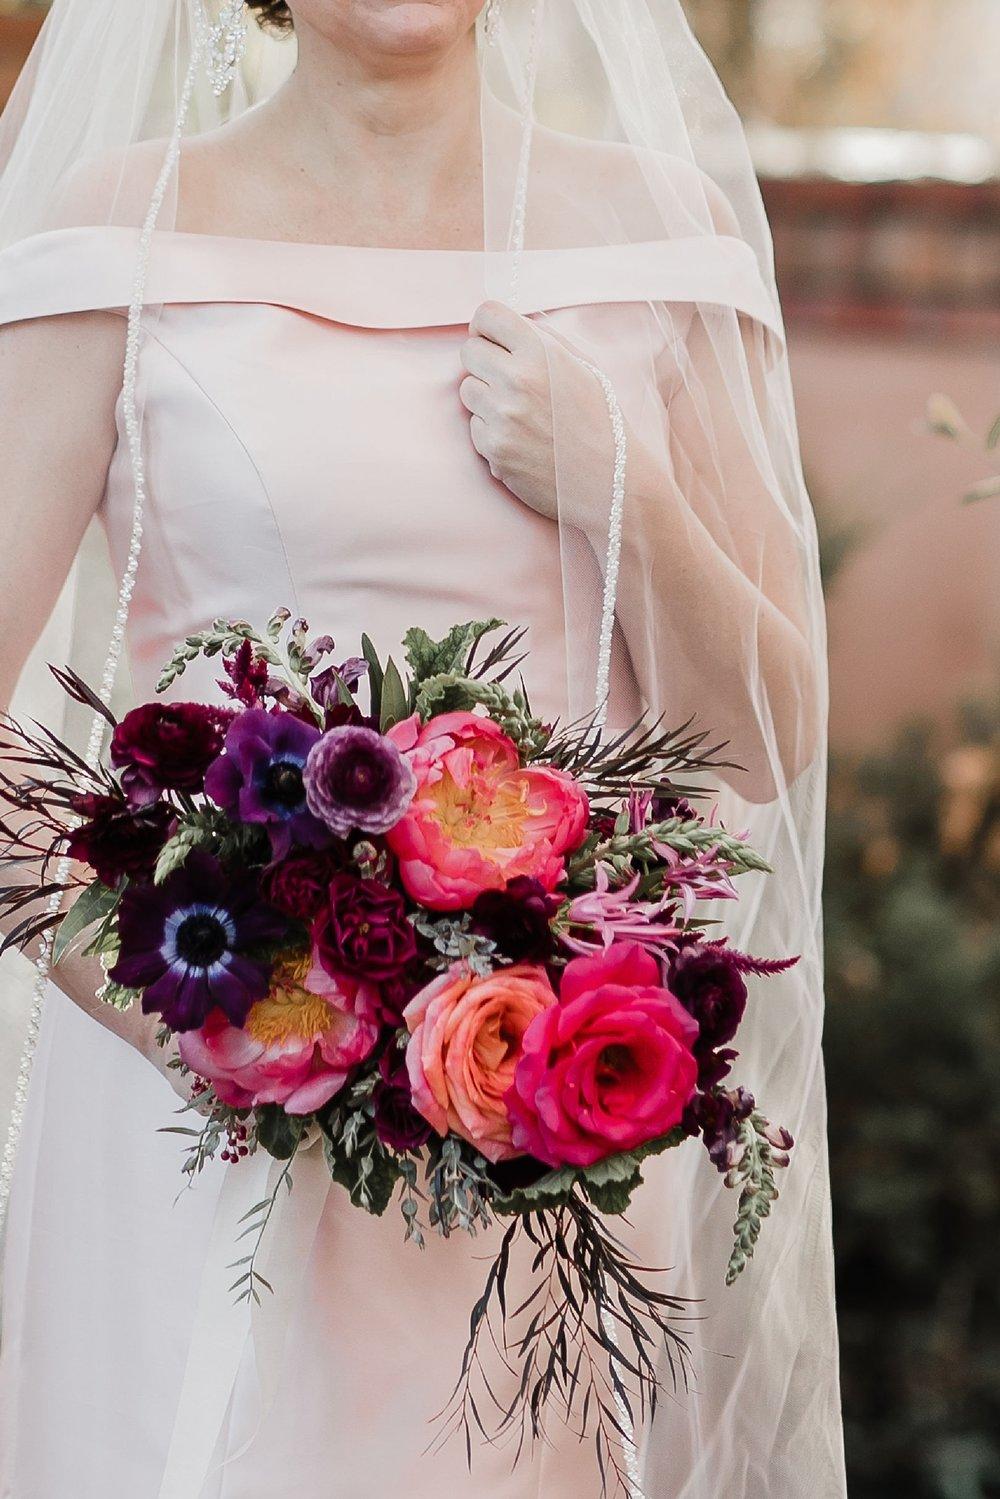 Alicia+lucia+photography+-+albuquerque+wedding+photographer+-+santa+fe+wedding+photography+-+new+mexico+wedding+photographer+-+albuquerque+wedding+-+santa+fe+wedding+-+wedding+gowns+-+non+traditional+wedding+gowns_0013.jpg